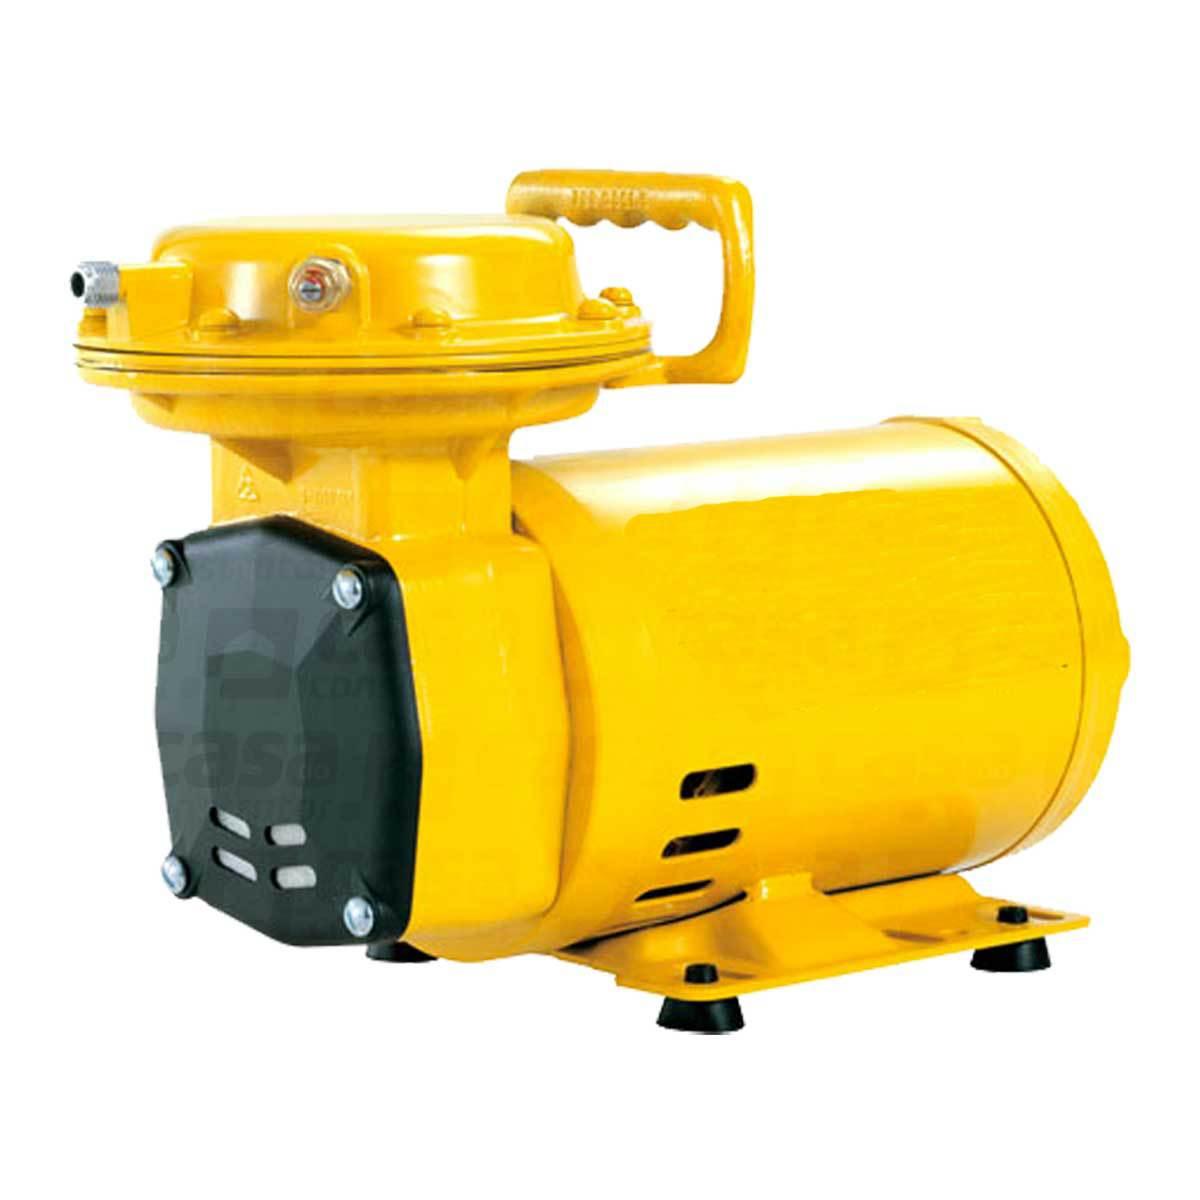 c0444adc9 Compressor de ar direto - Casa do Construtor - Locação Garantida é aqui!